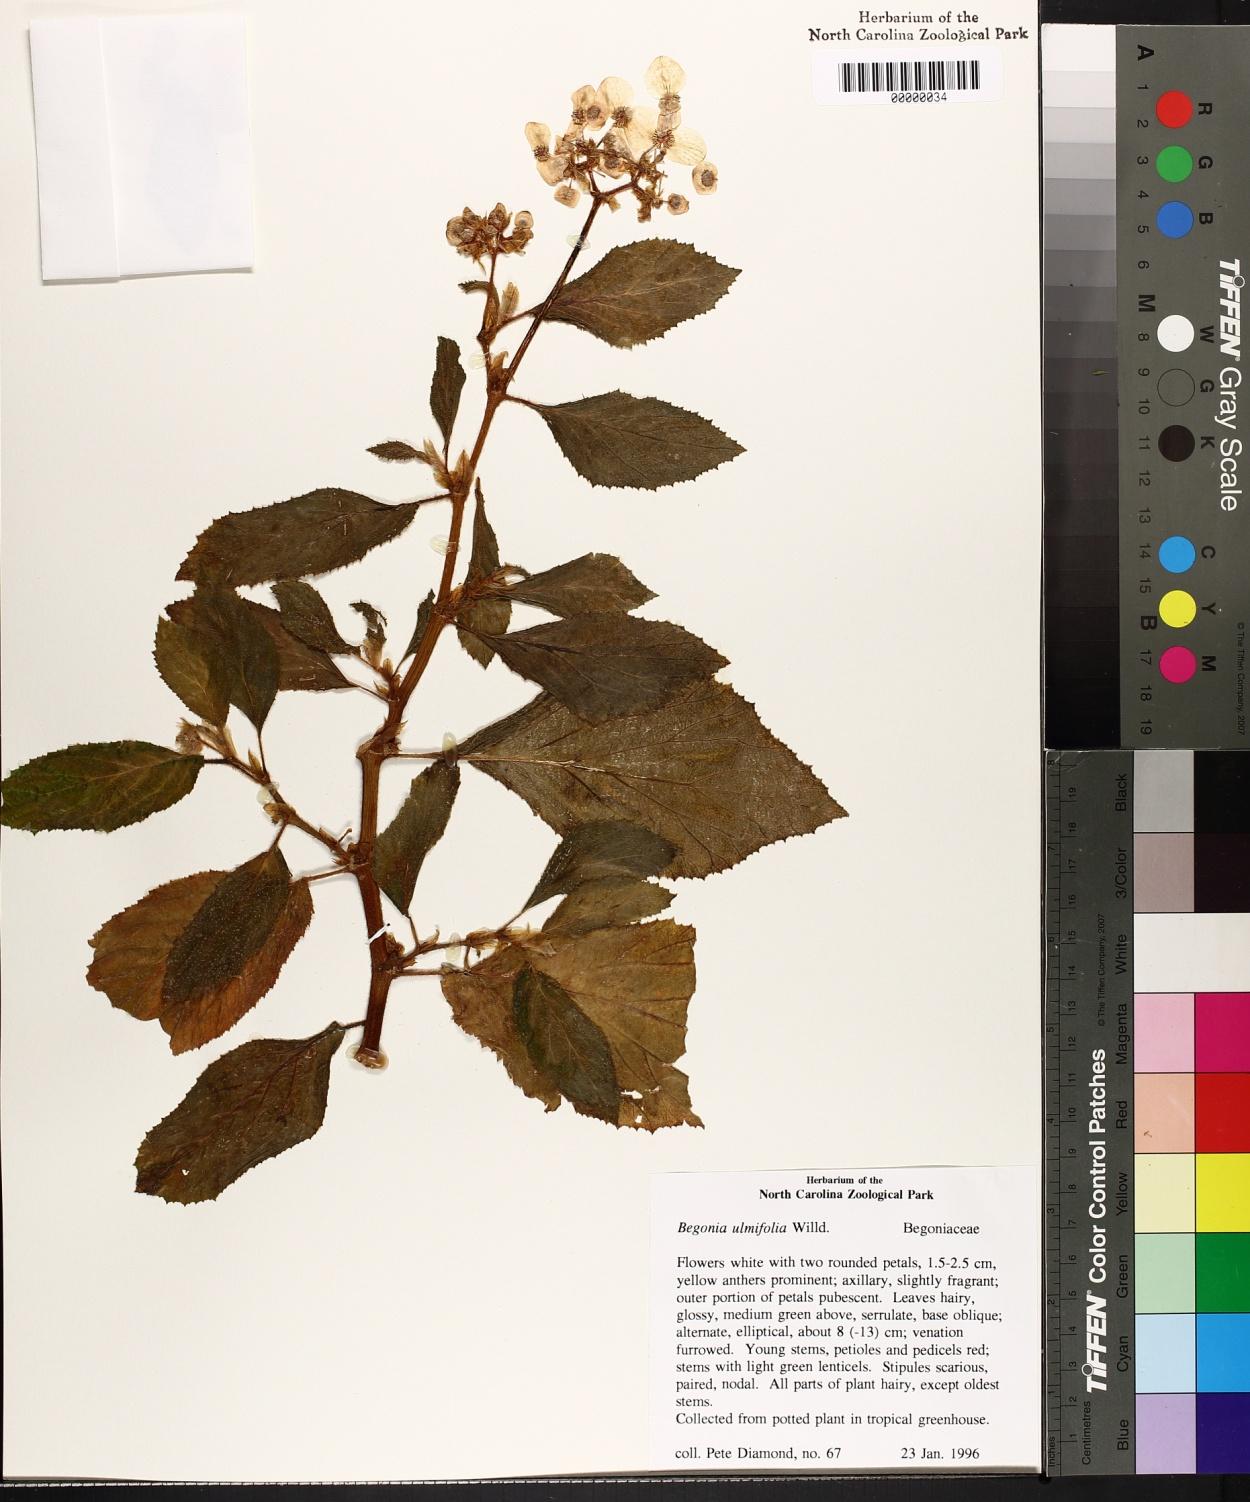 Begonia ulmifolia image